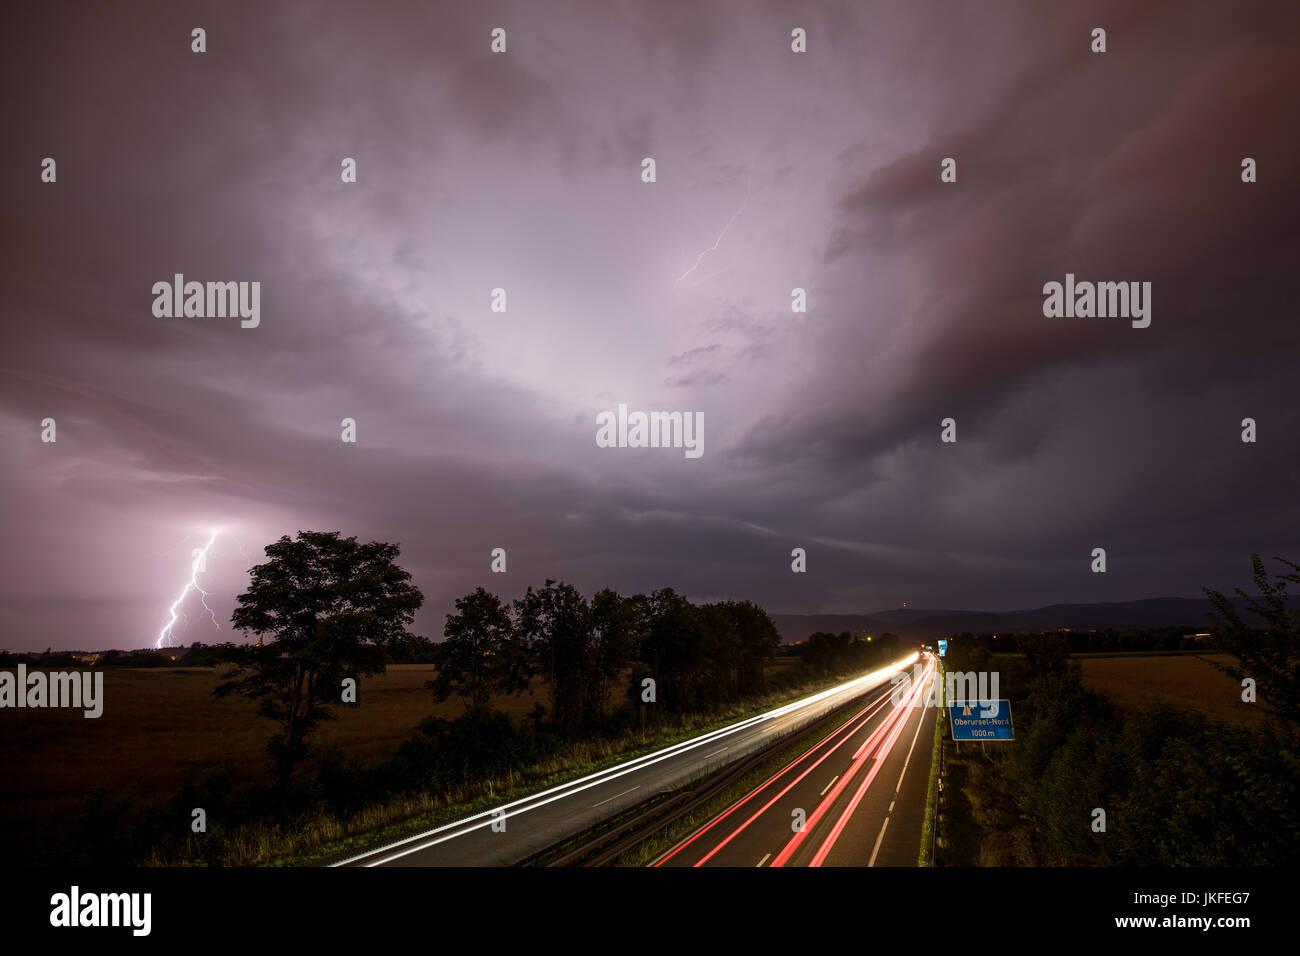 A661 Imagenes De Stock A661 Fotos De Stock Alamy